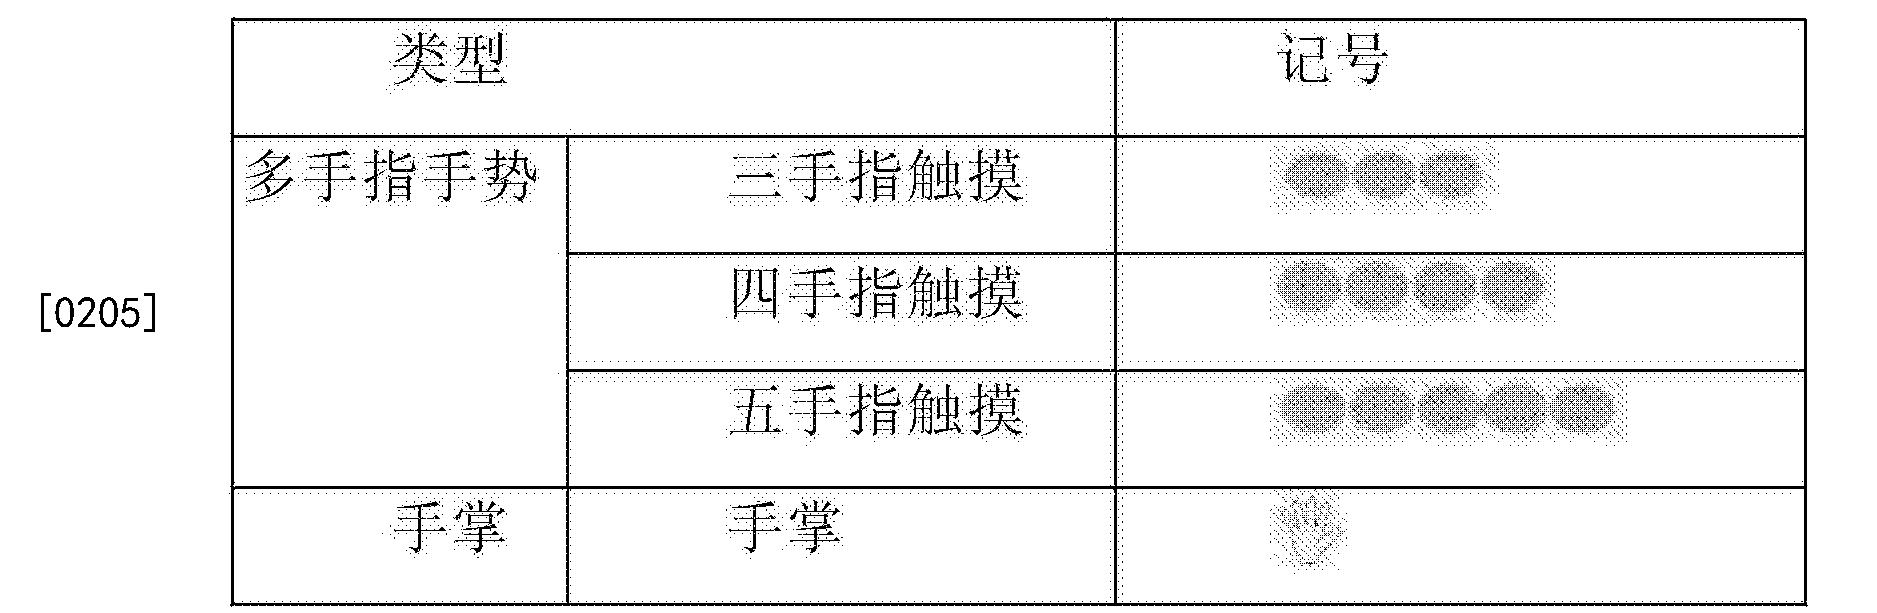 Figure CN103729108BD00192